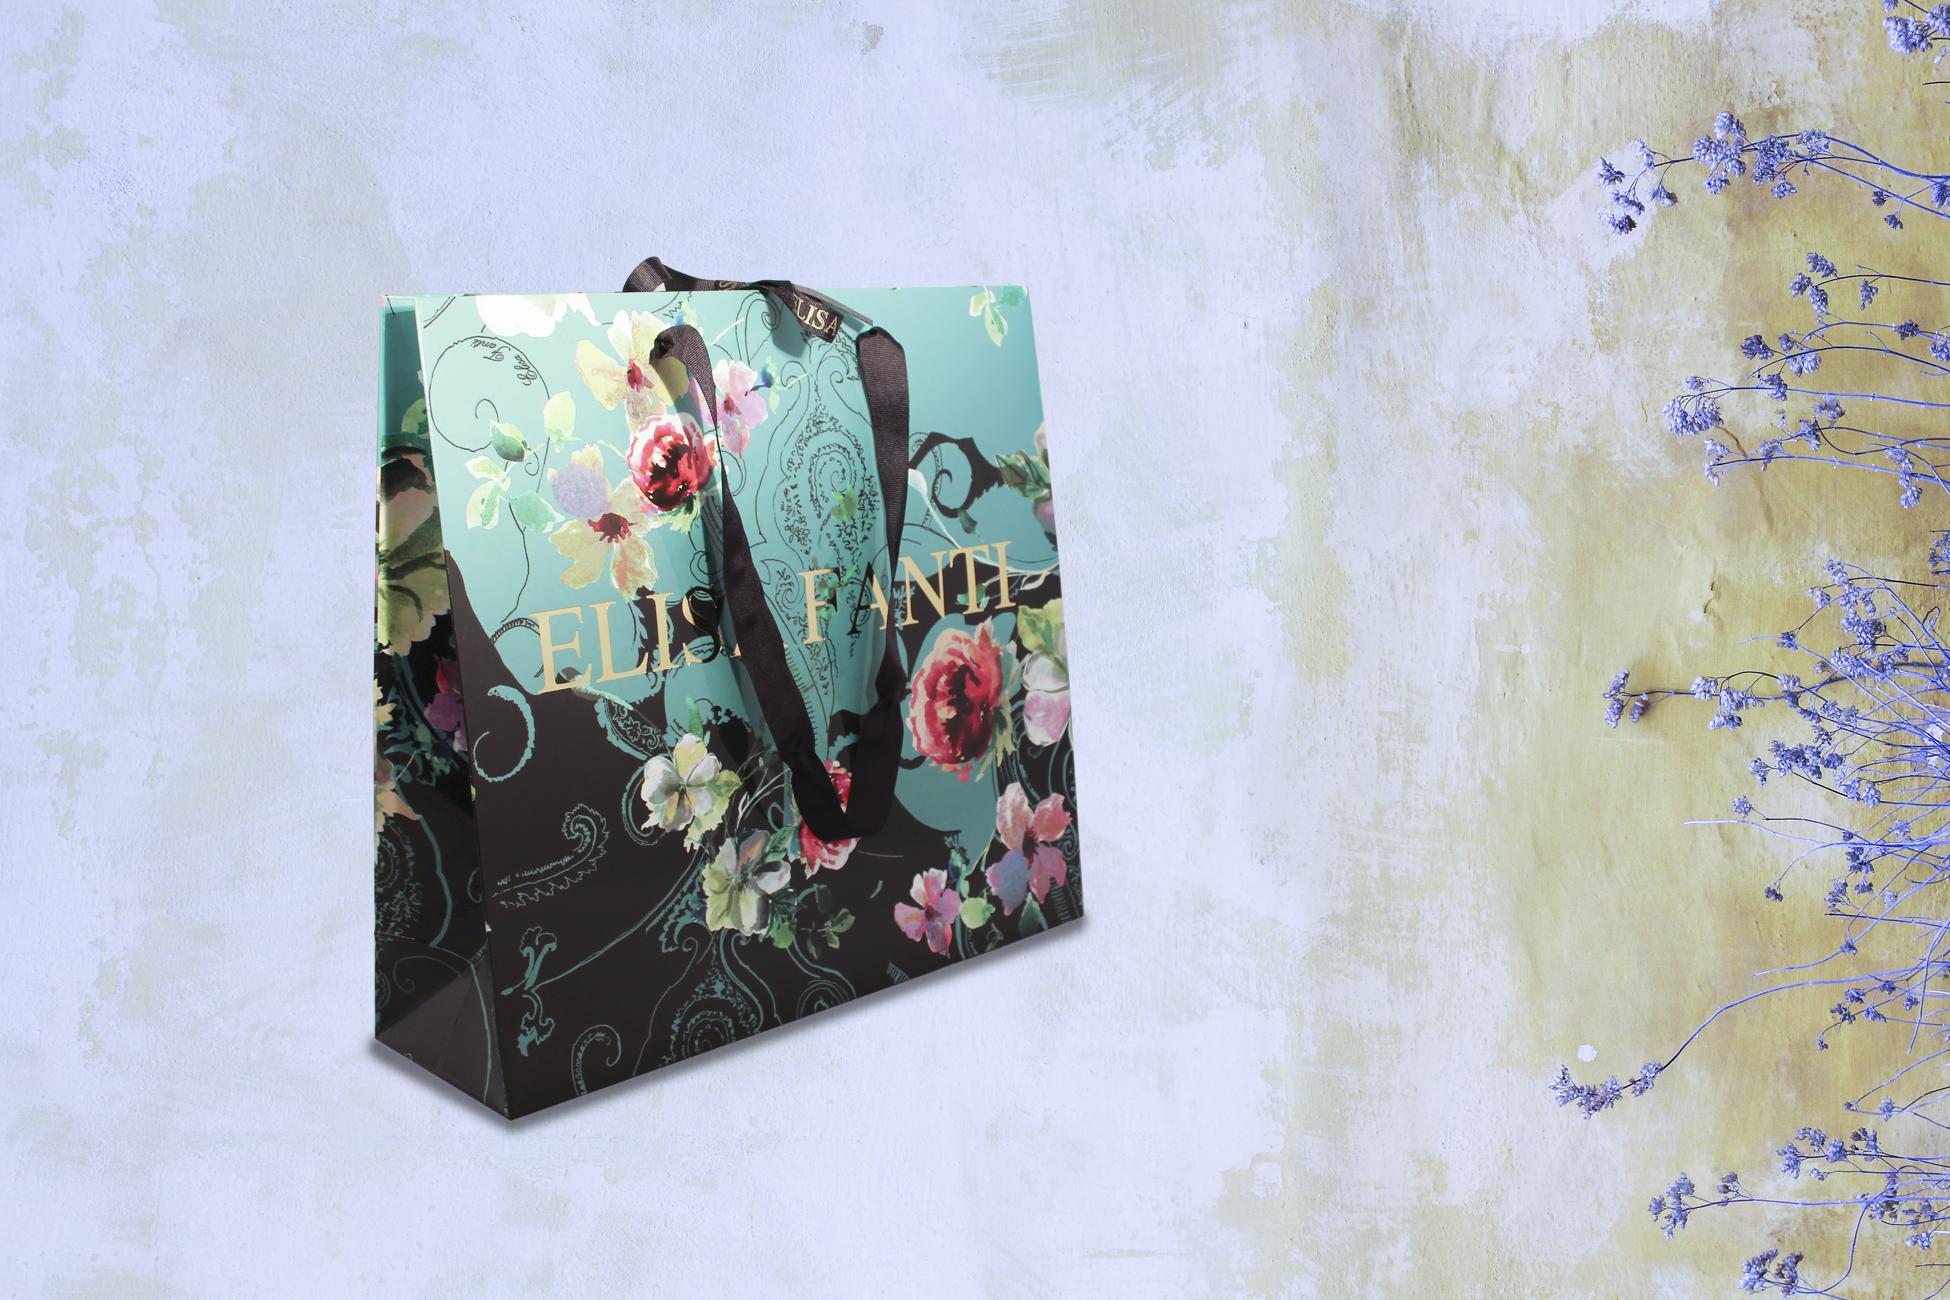 2 | Elisa Fanti | Shopping bag